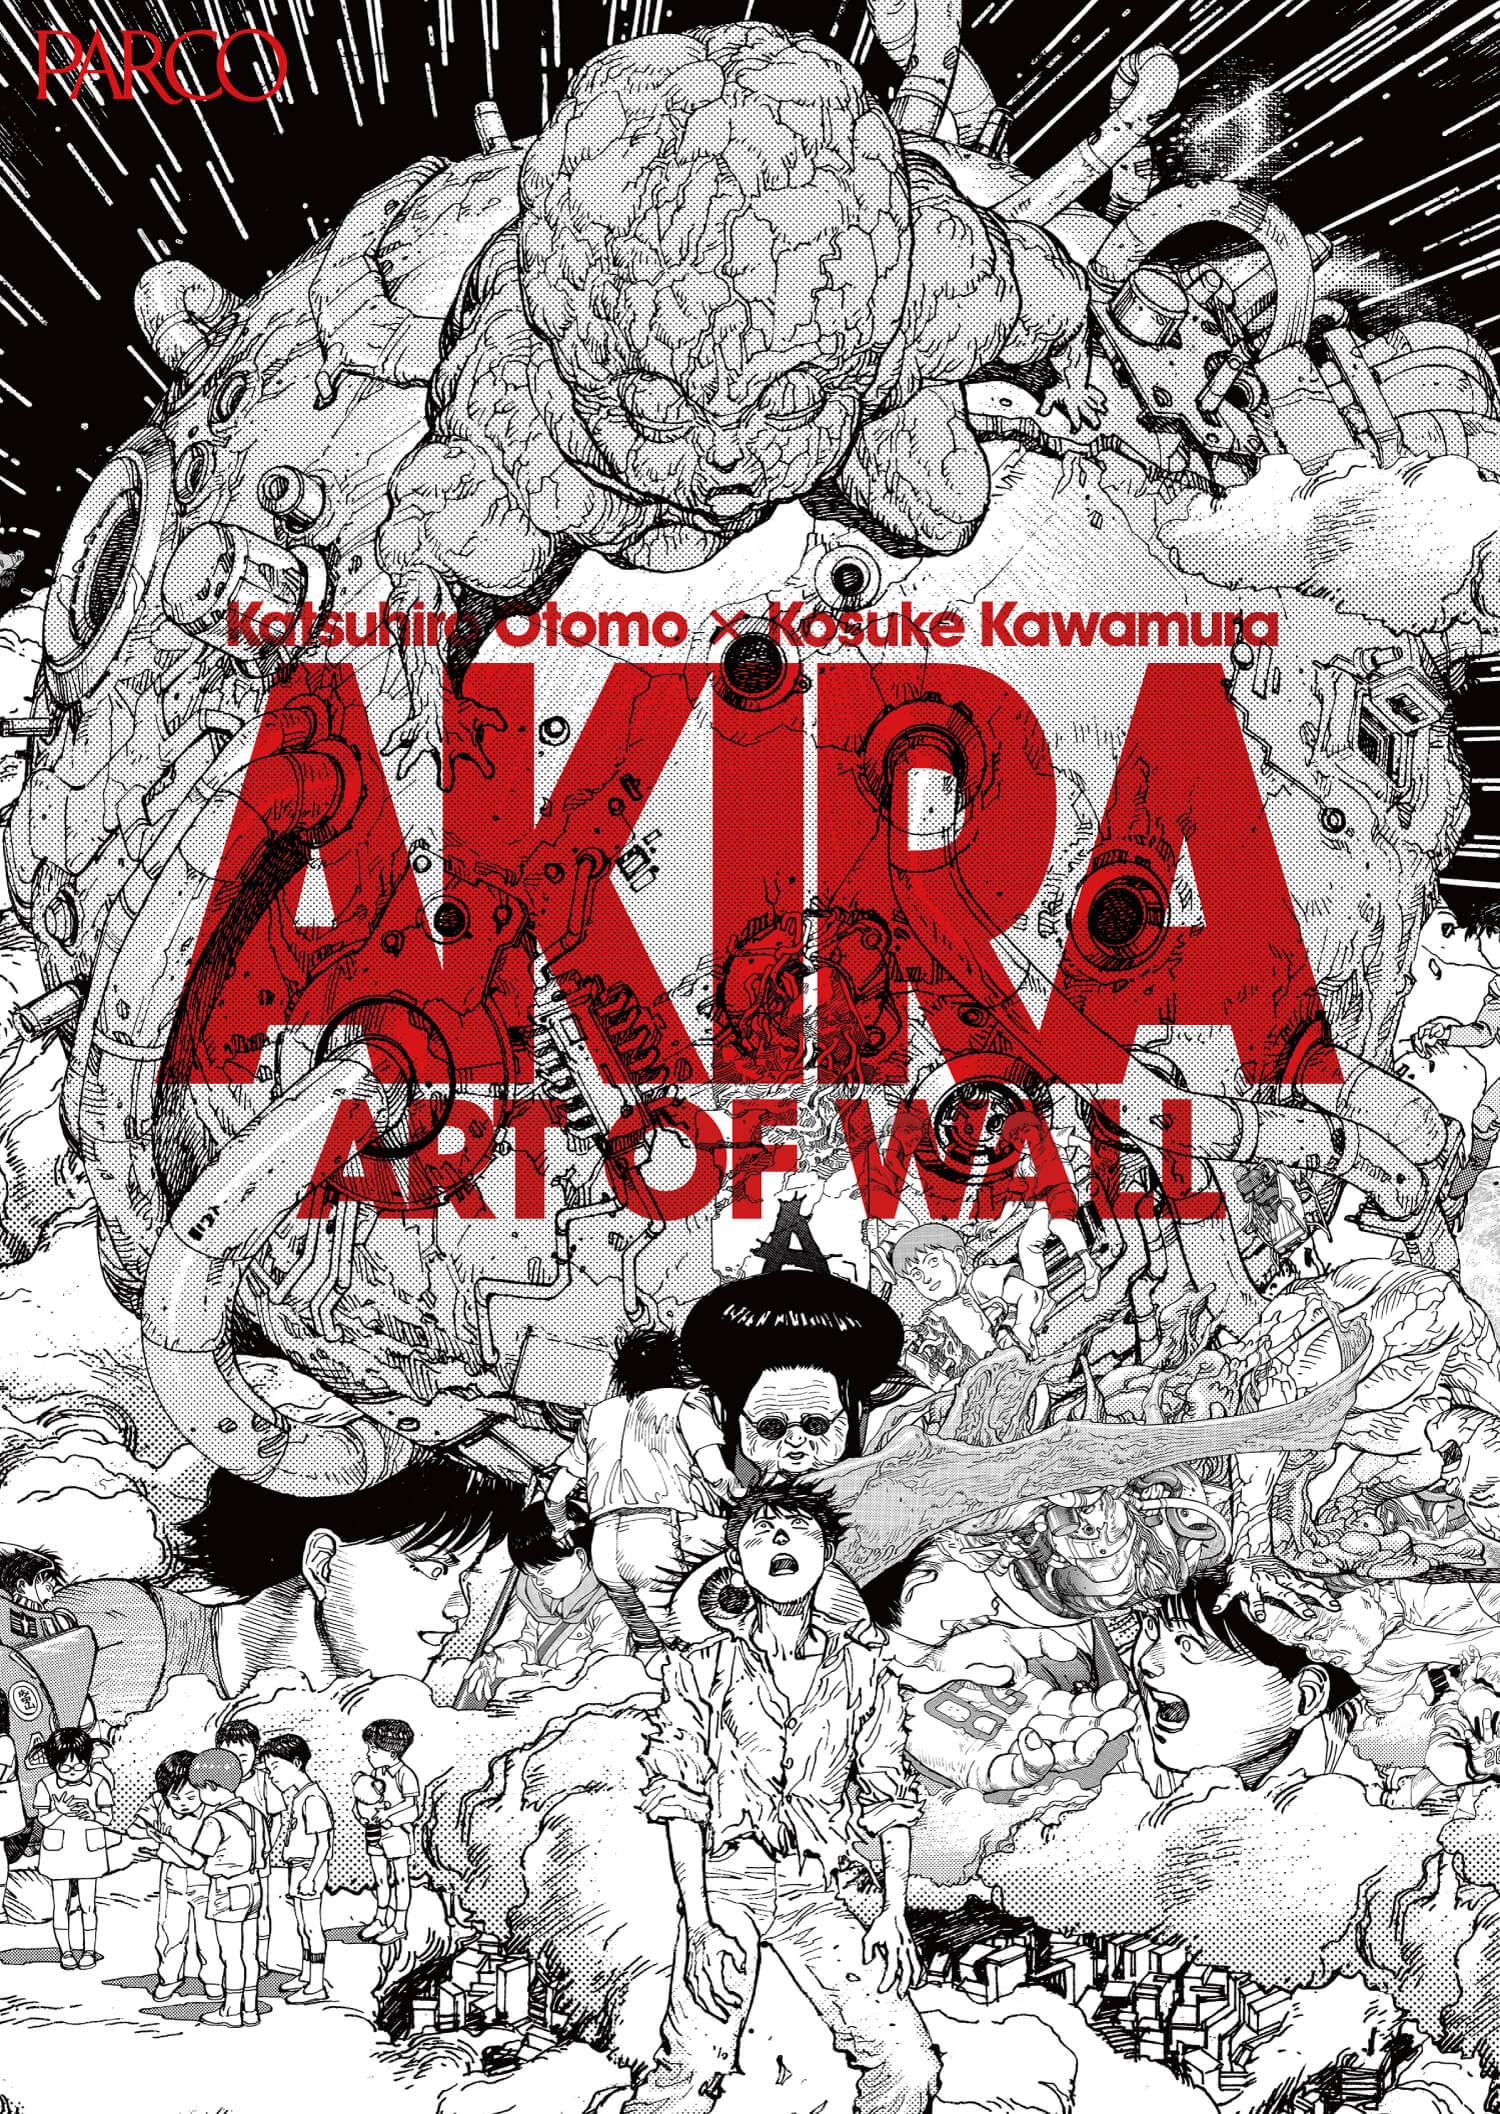 akira-art-of-wall-katsuhiro-otomo-x-kosuke-kawamura-akira-art-exhibition%ef%bc%88%e3%82%a2%e3%82%ad%e3%83%a9-%e3%82%a2%e3%83%bc%e3%83%88%e3%82%aa%e3%83%95%e3%82%99%e3%82%a6%e3%82%a9%e3%83%bc-2